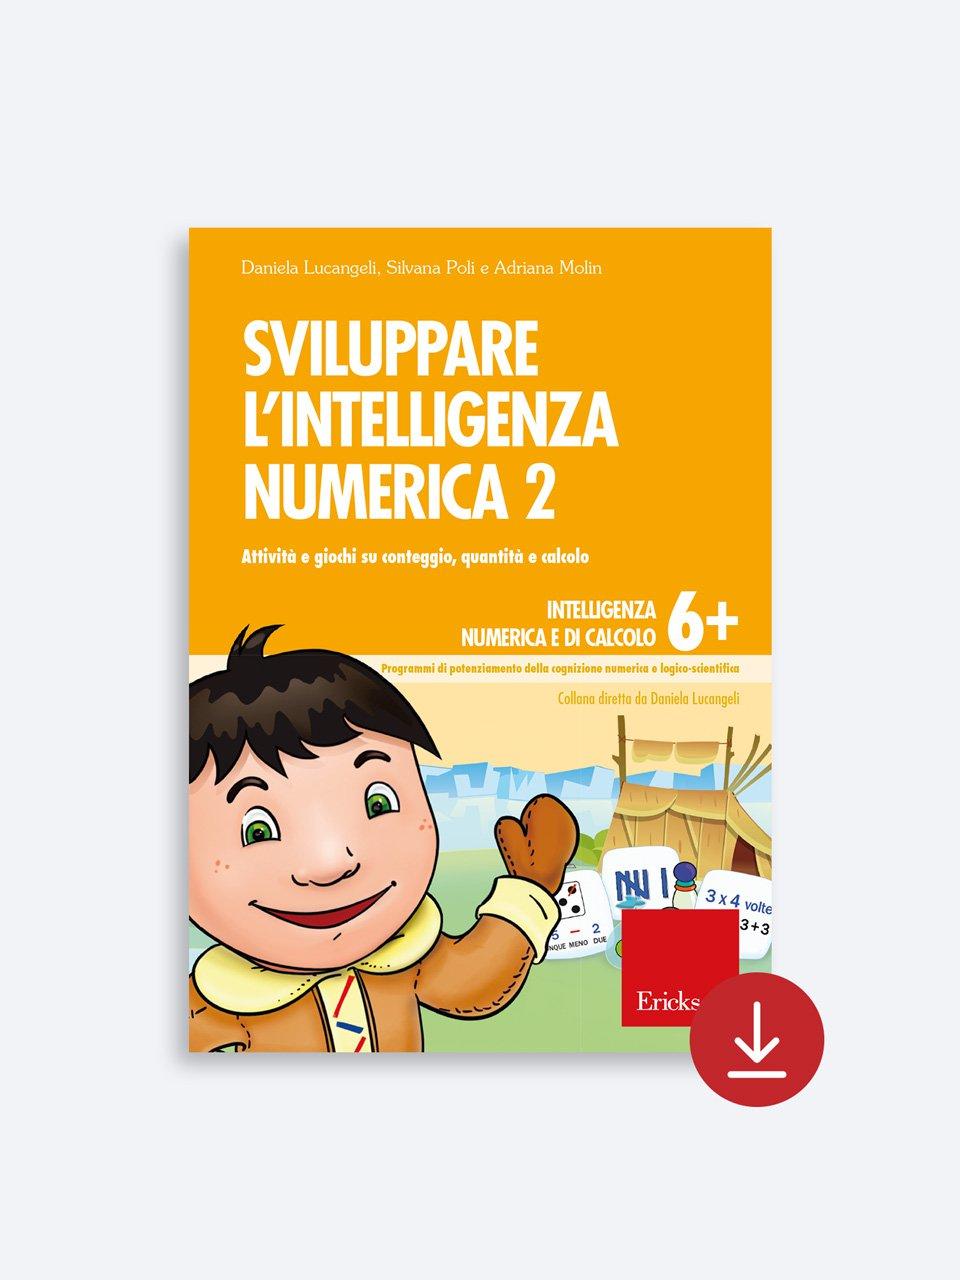 Sviluppare l'intelligenza numerica 2 - Test ABCA - Abilità di calcolo aritmetico - Libri - Erickson 2